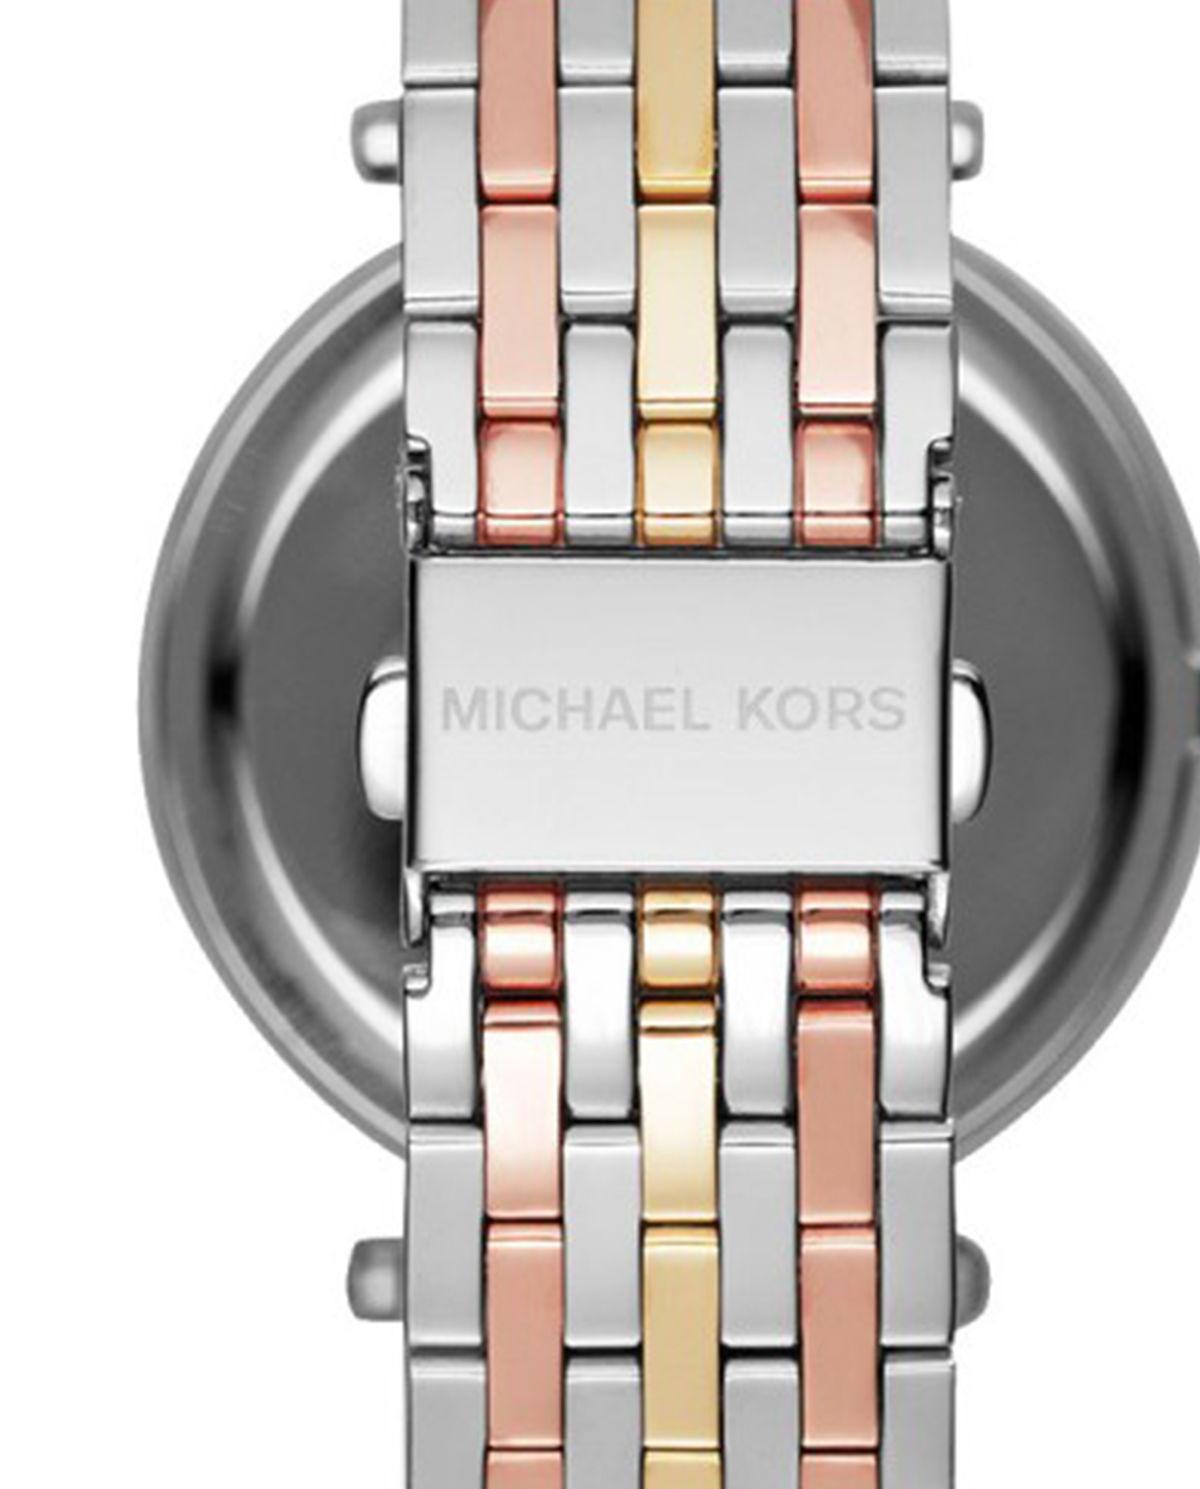 74c56539ac60f Zegarek darci MICHAEL KORS – Kup Teraz! Najlepsze ceny i opinie ...